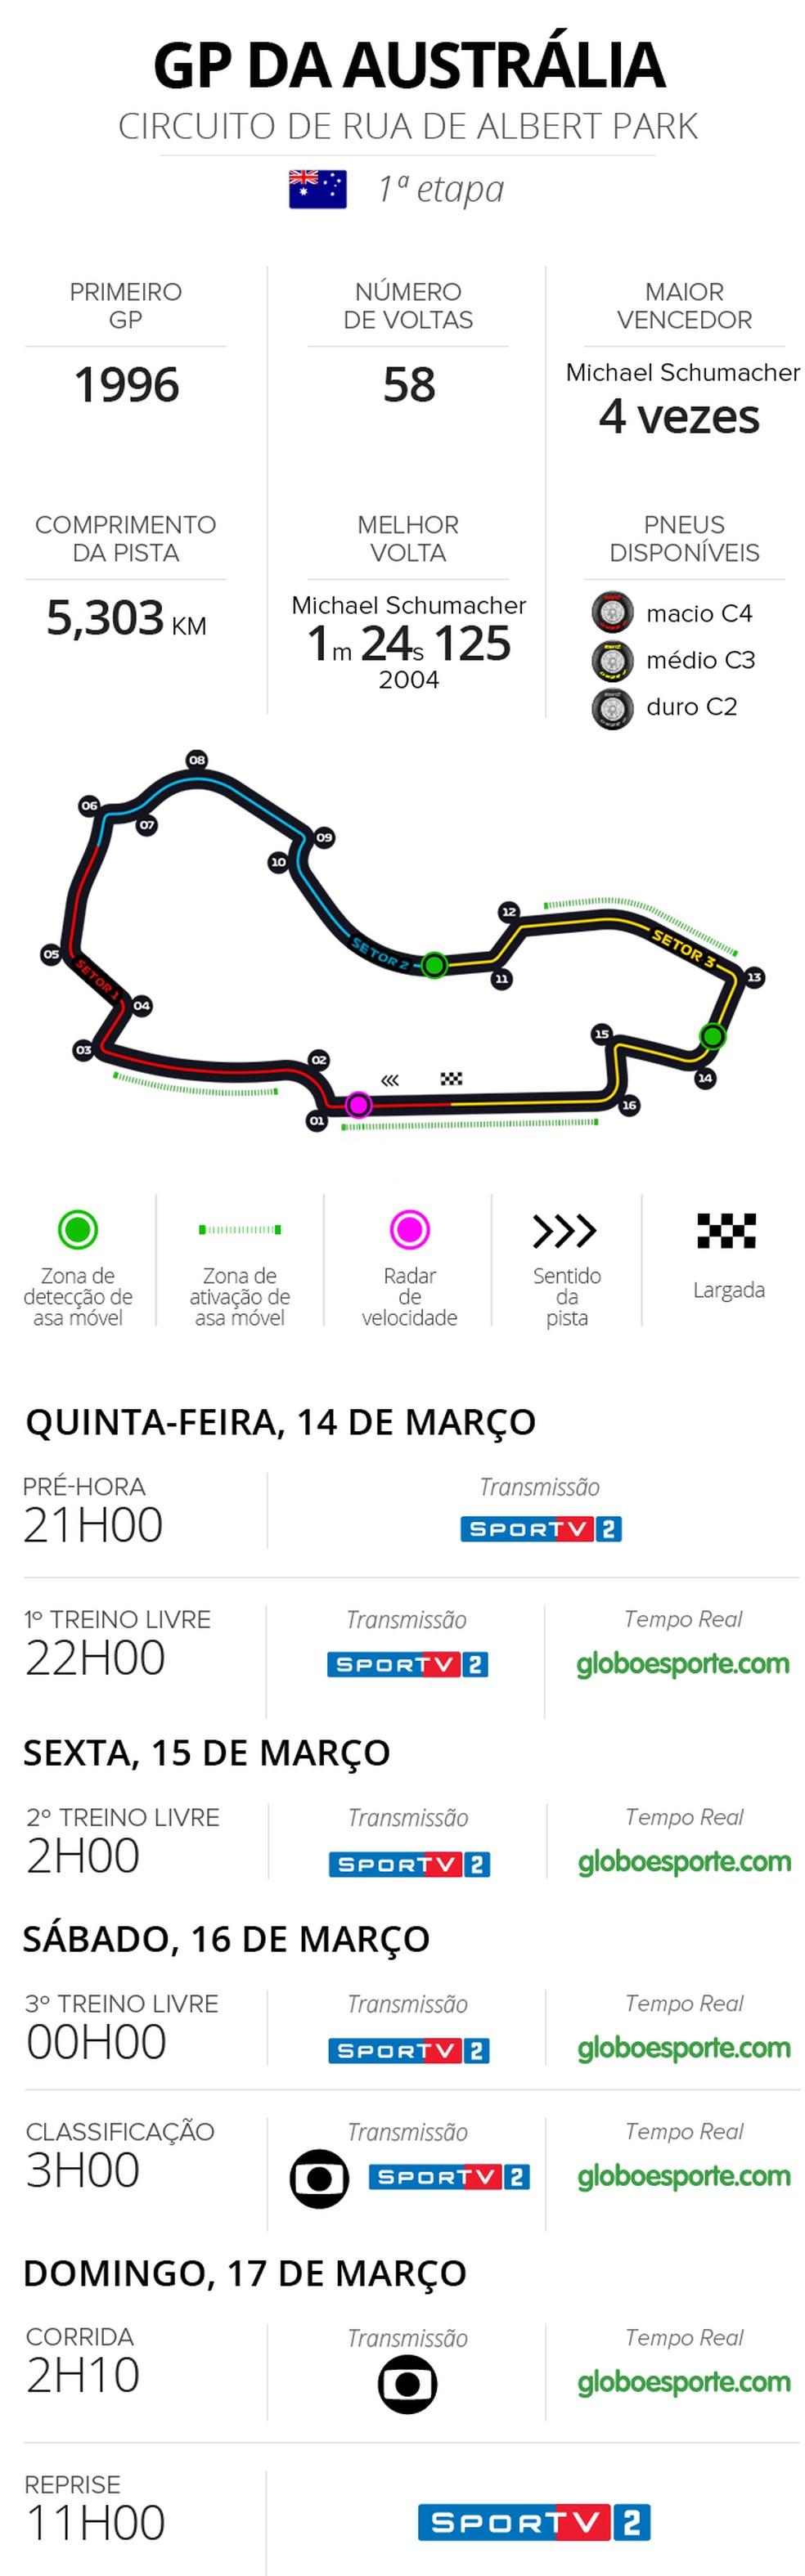 Horários - GP da Austrália de F1 - 2019 — Foto: Infoesporte